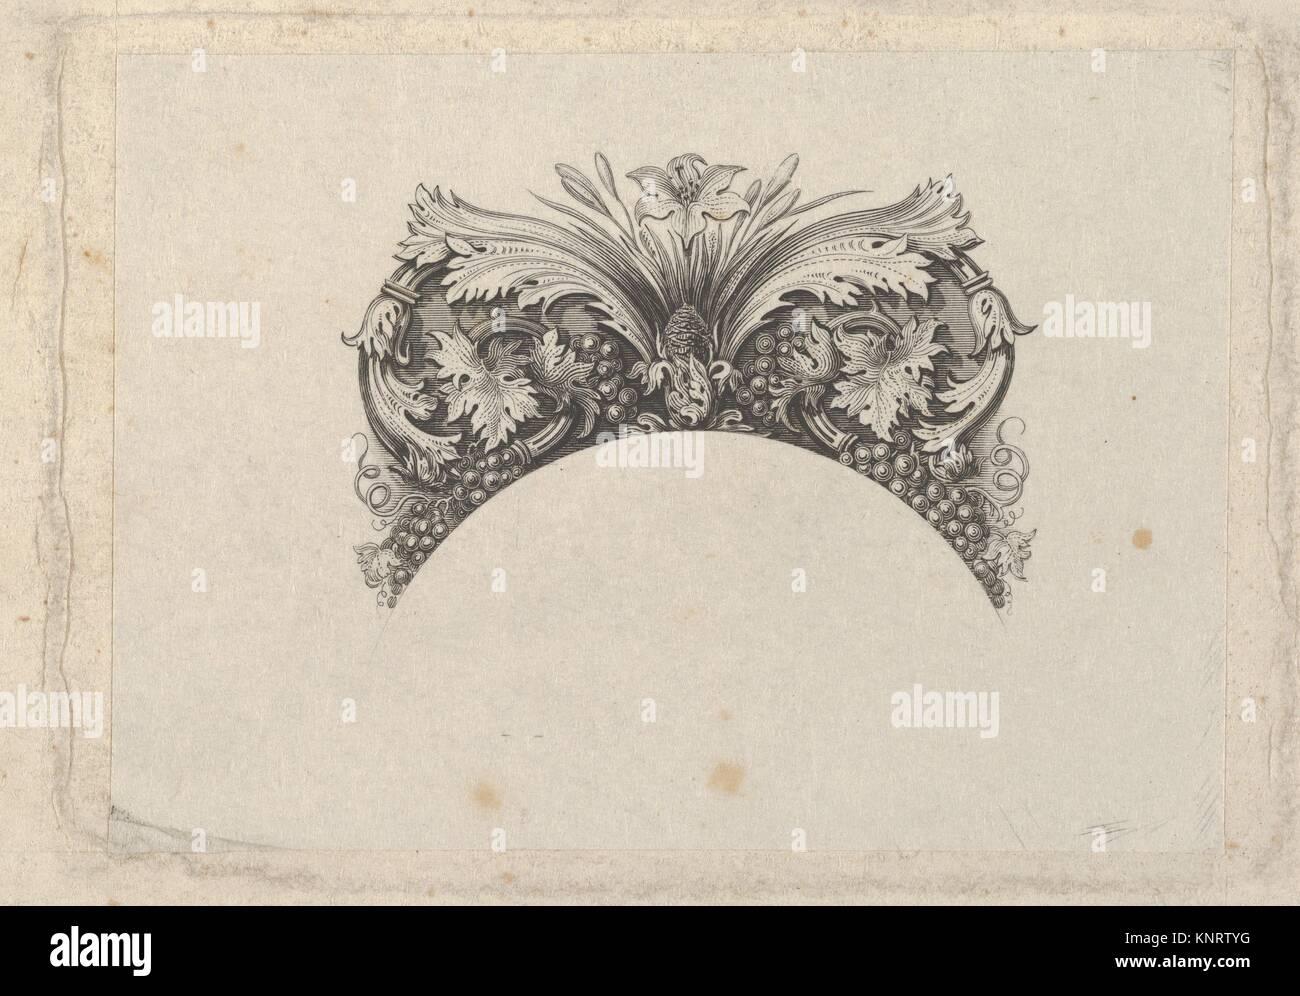 Gewölbte framing Element für Banknote, mit Akanthus und Weinblätter ...